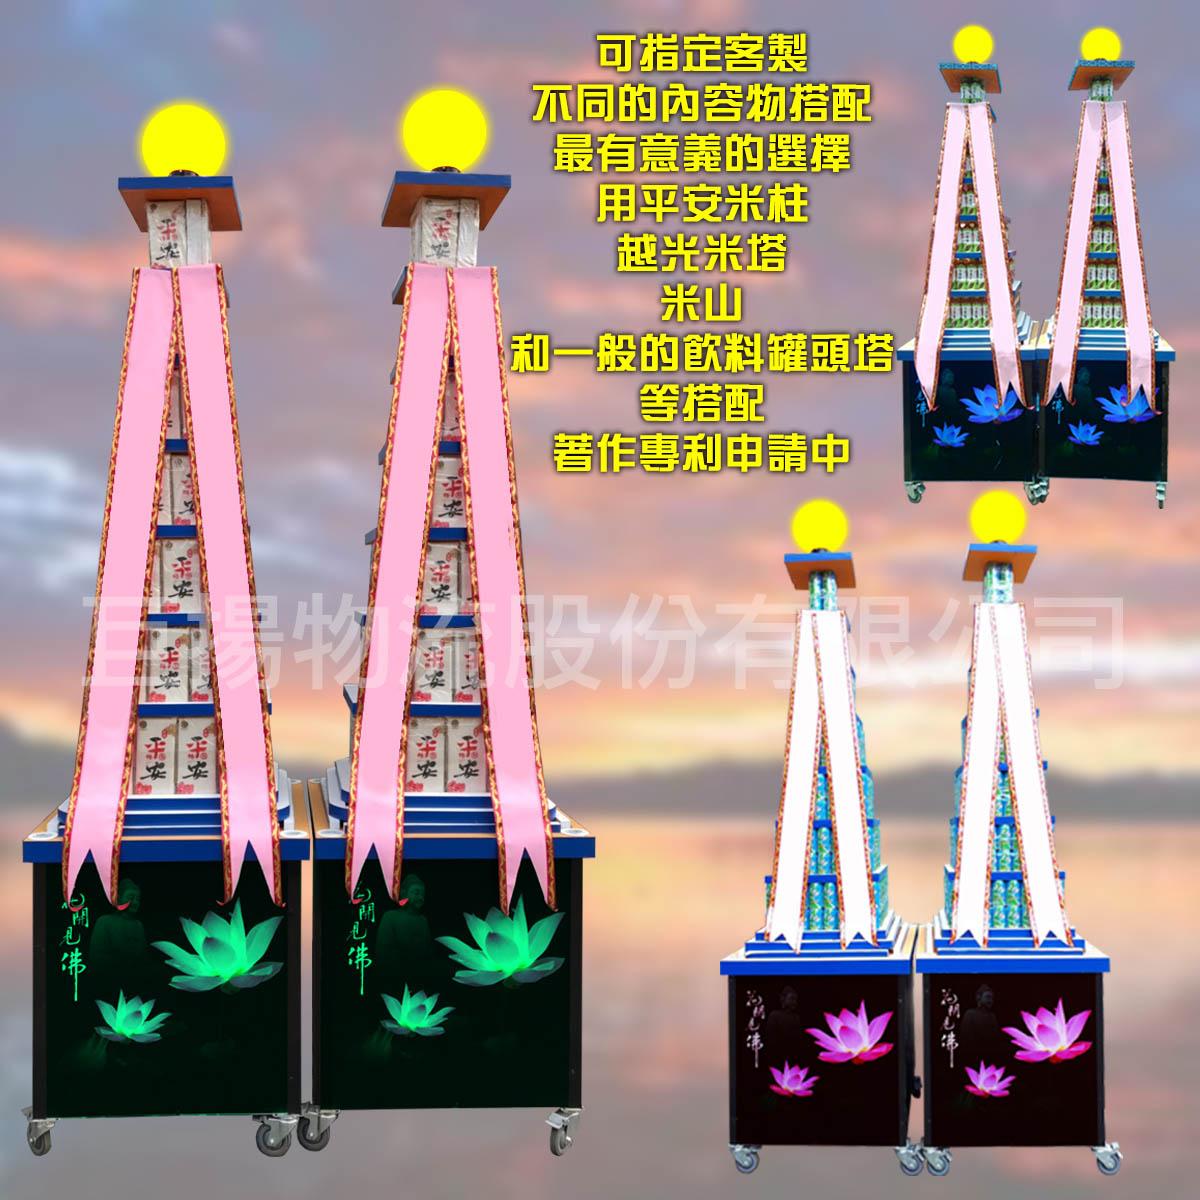 七層一般飲料燈光罐頭山蓮花led燈光柱3